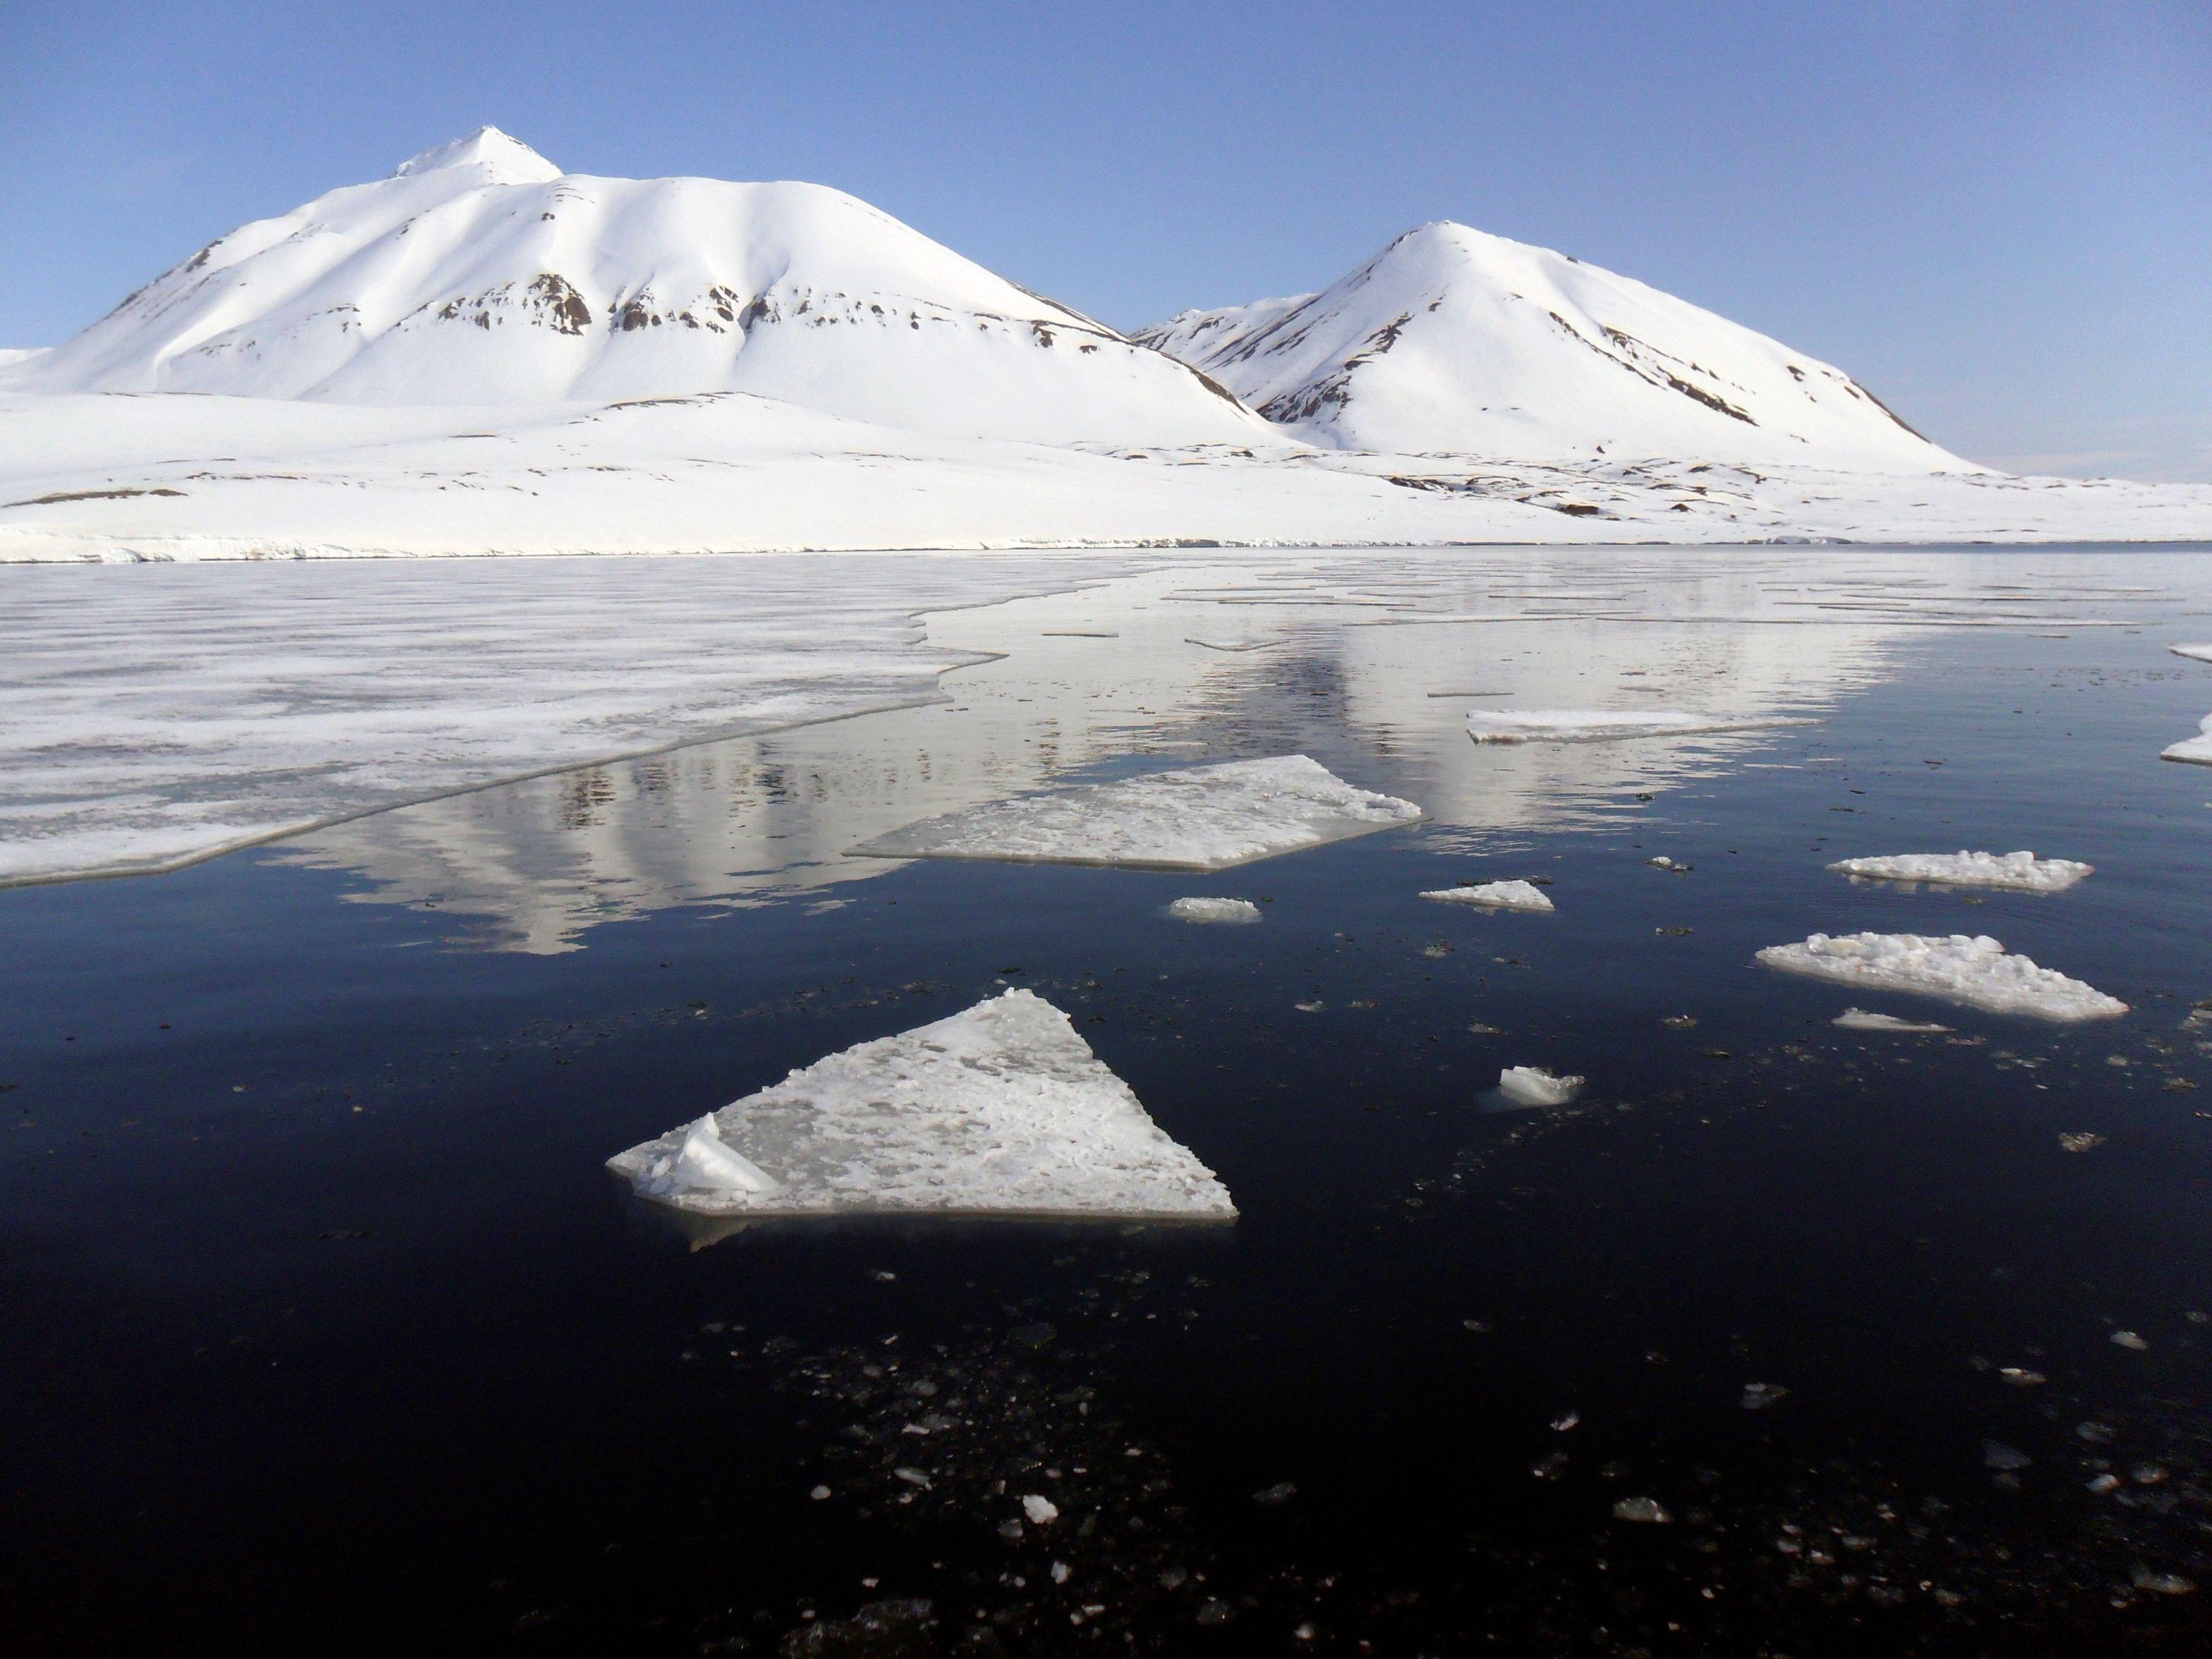 La température moyenne de la planète augmentera de 4,6 degrés si l'émission des gazs à effet de serre ne baisse pas.